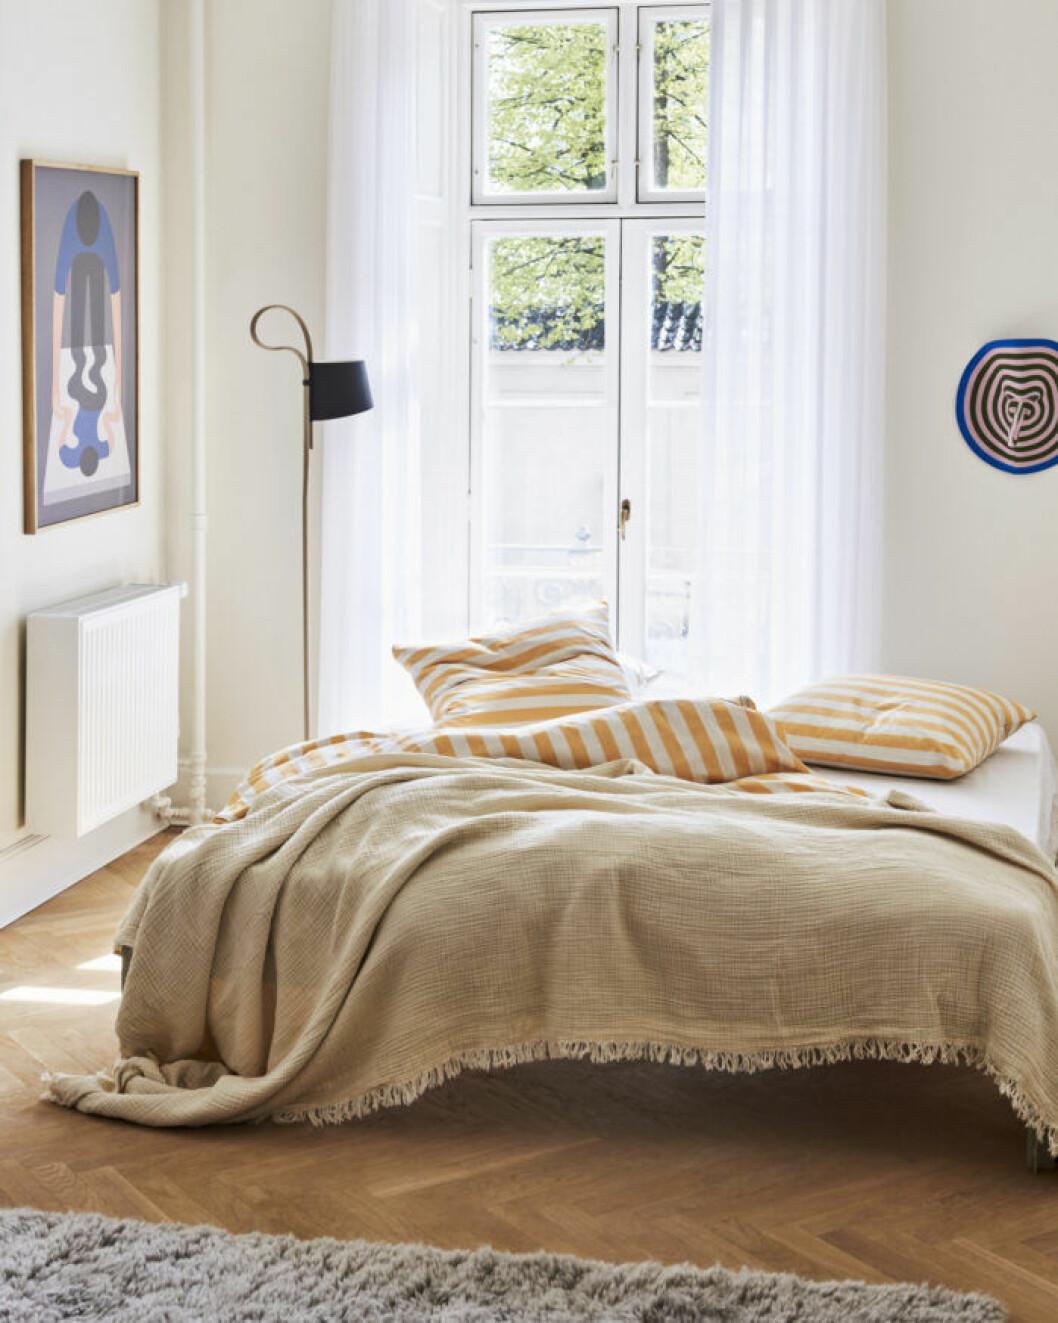 Måla om och höj värdet på dn bostad – ljusa färger är ett bra tips